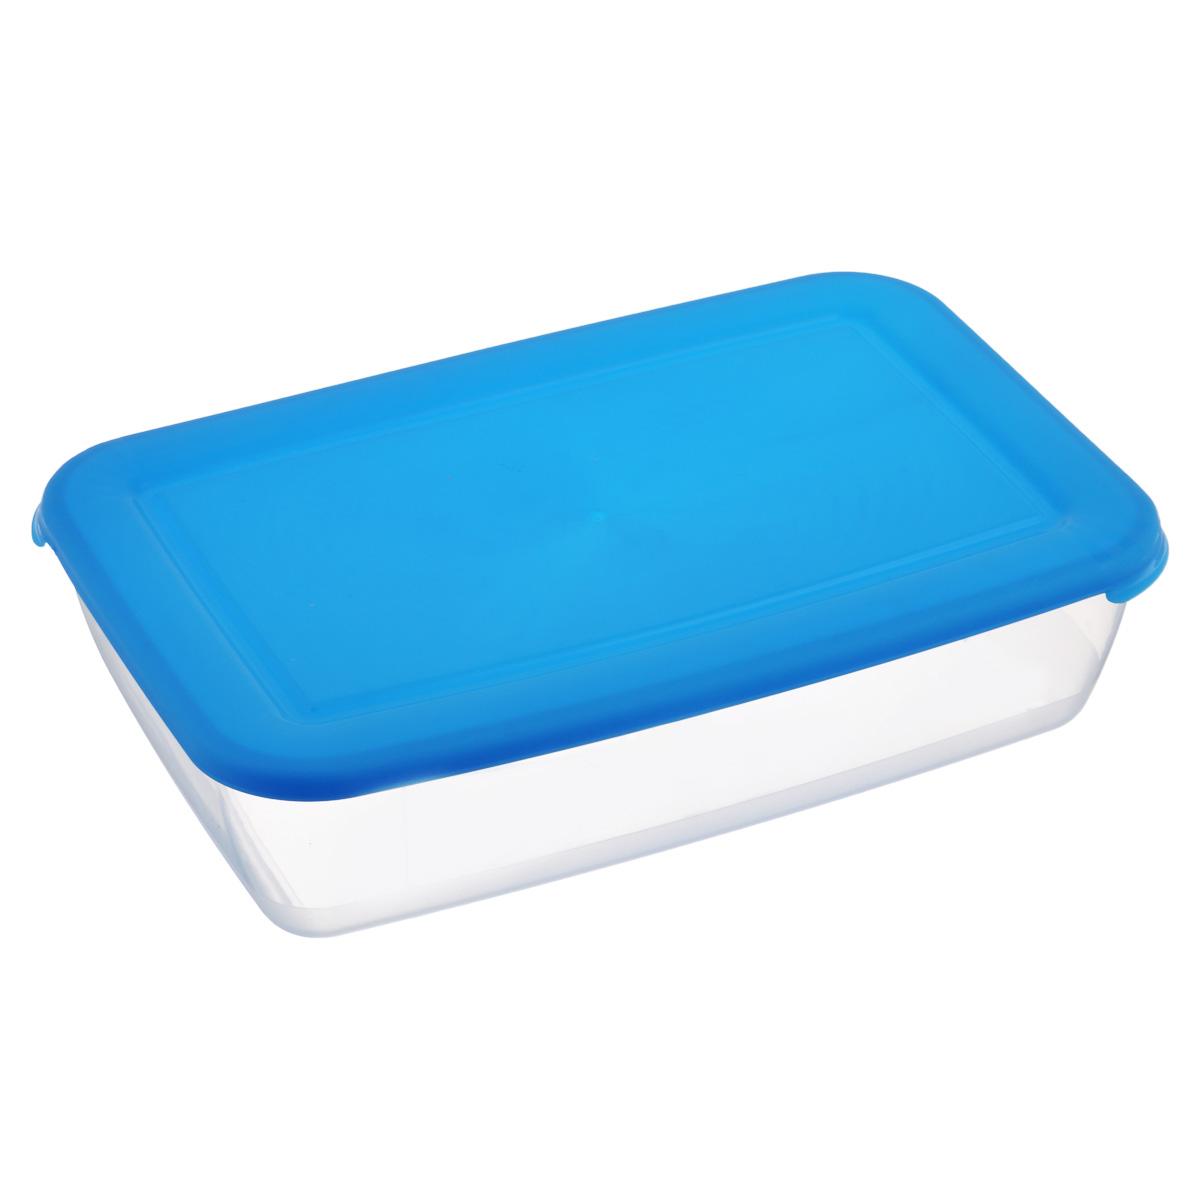 Контейнер Полимербыт Лайт, цвет: голубой, 3 лС554Контейнер Лайт изготовлен из высококачественного пищевого прозрачного пластика и оснащен крышкой. Подходит для использования в микроволновой печи без крышки (до +120°С), для заморозки при минимальной температуре -40°С. Можно мыть в посудомоечной машине.